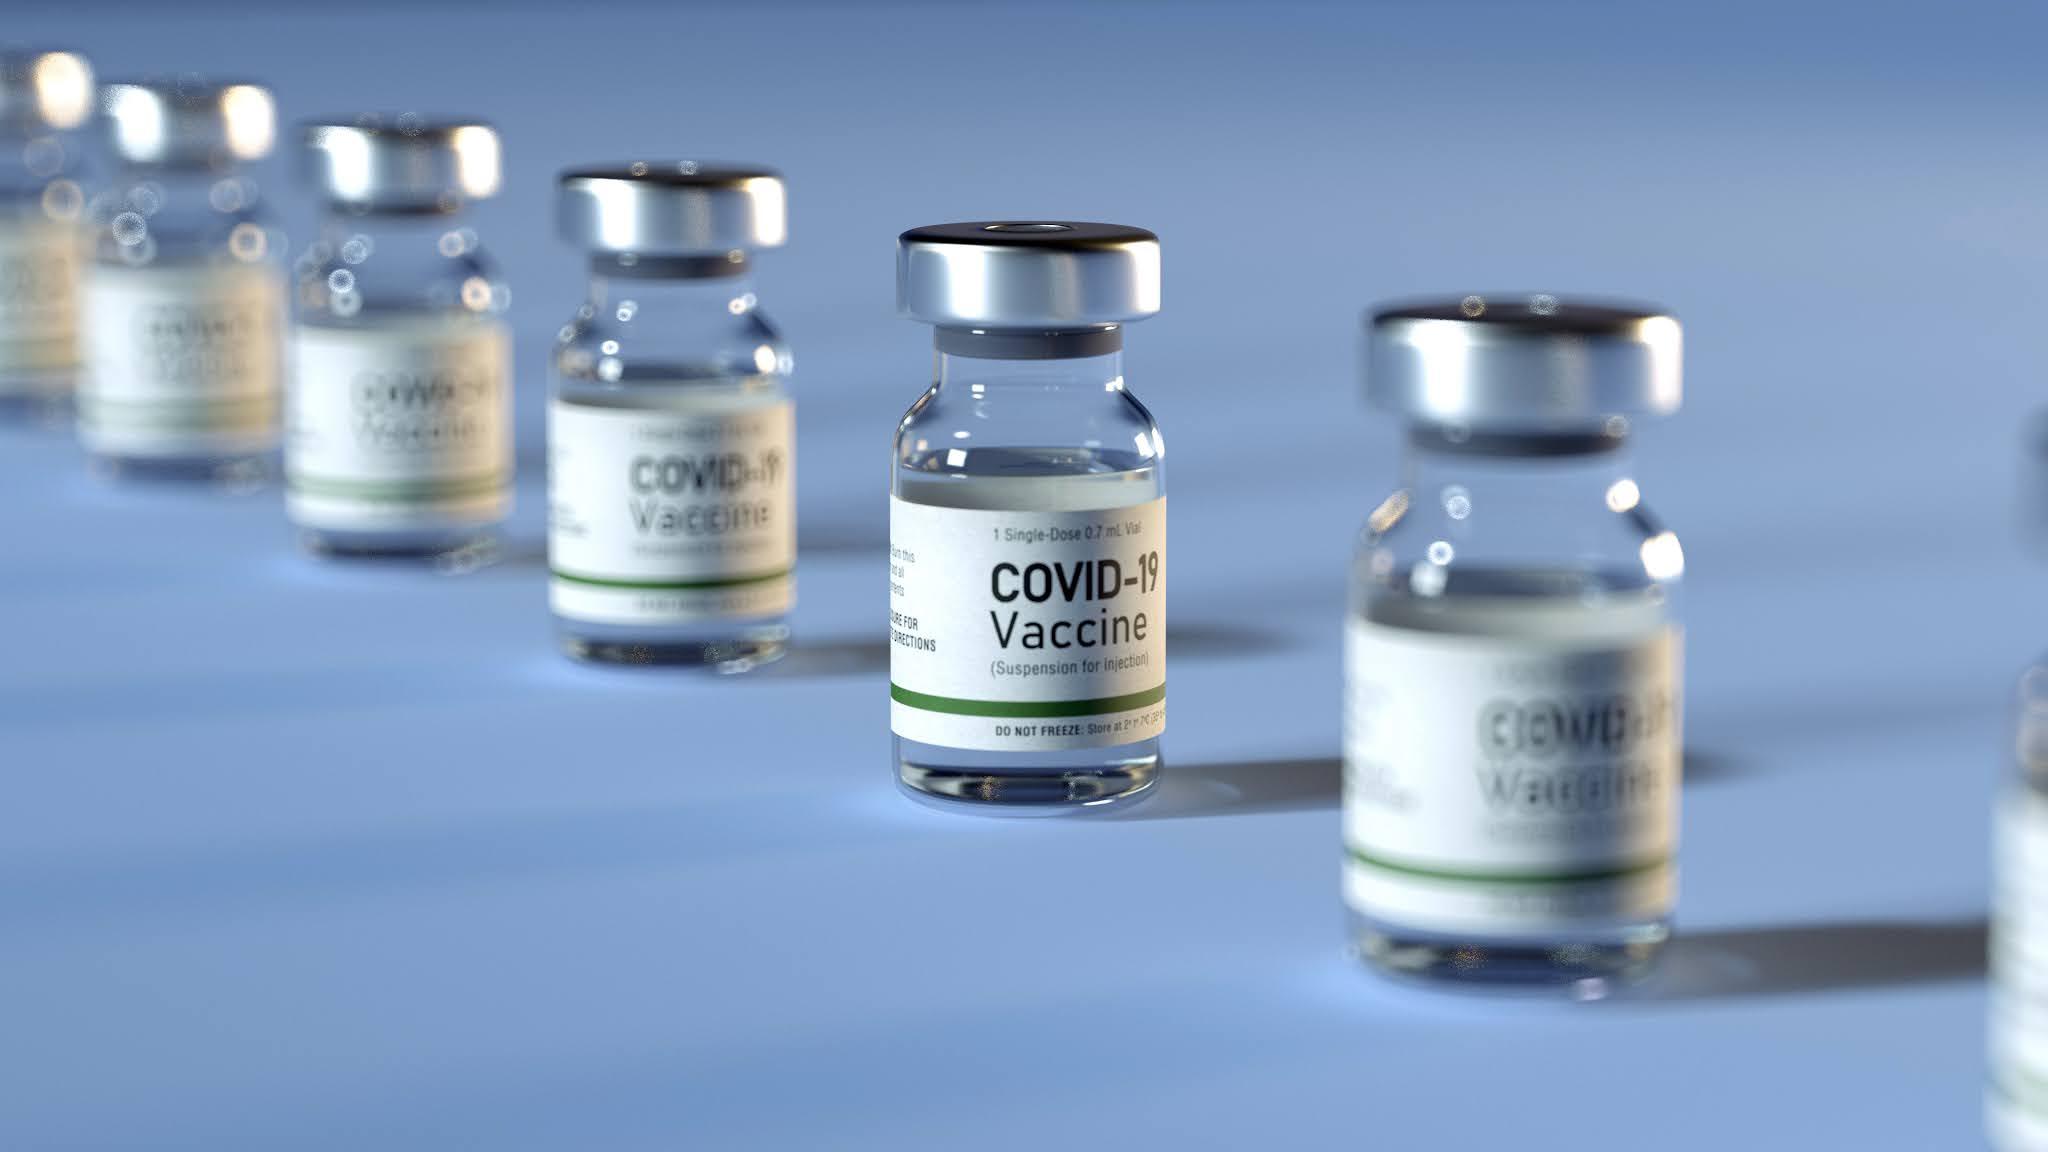 أخبار الصحة: الإمارات تتخطى حاجز 12مليون جرعة من لقاح كورونا